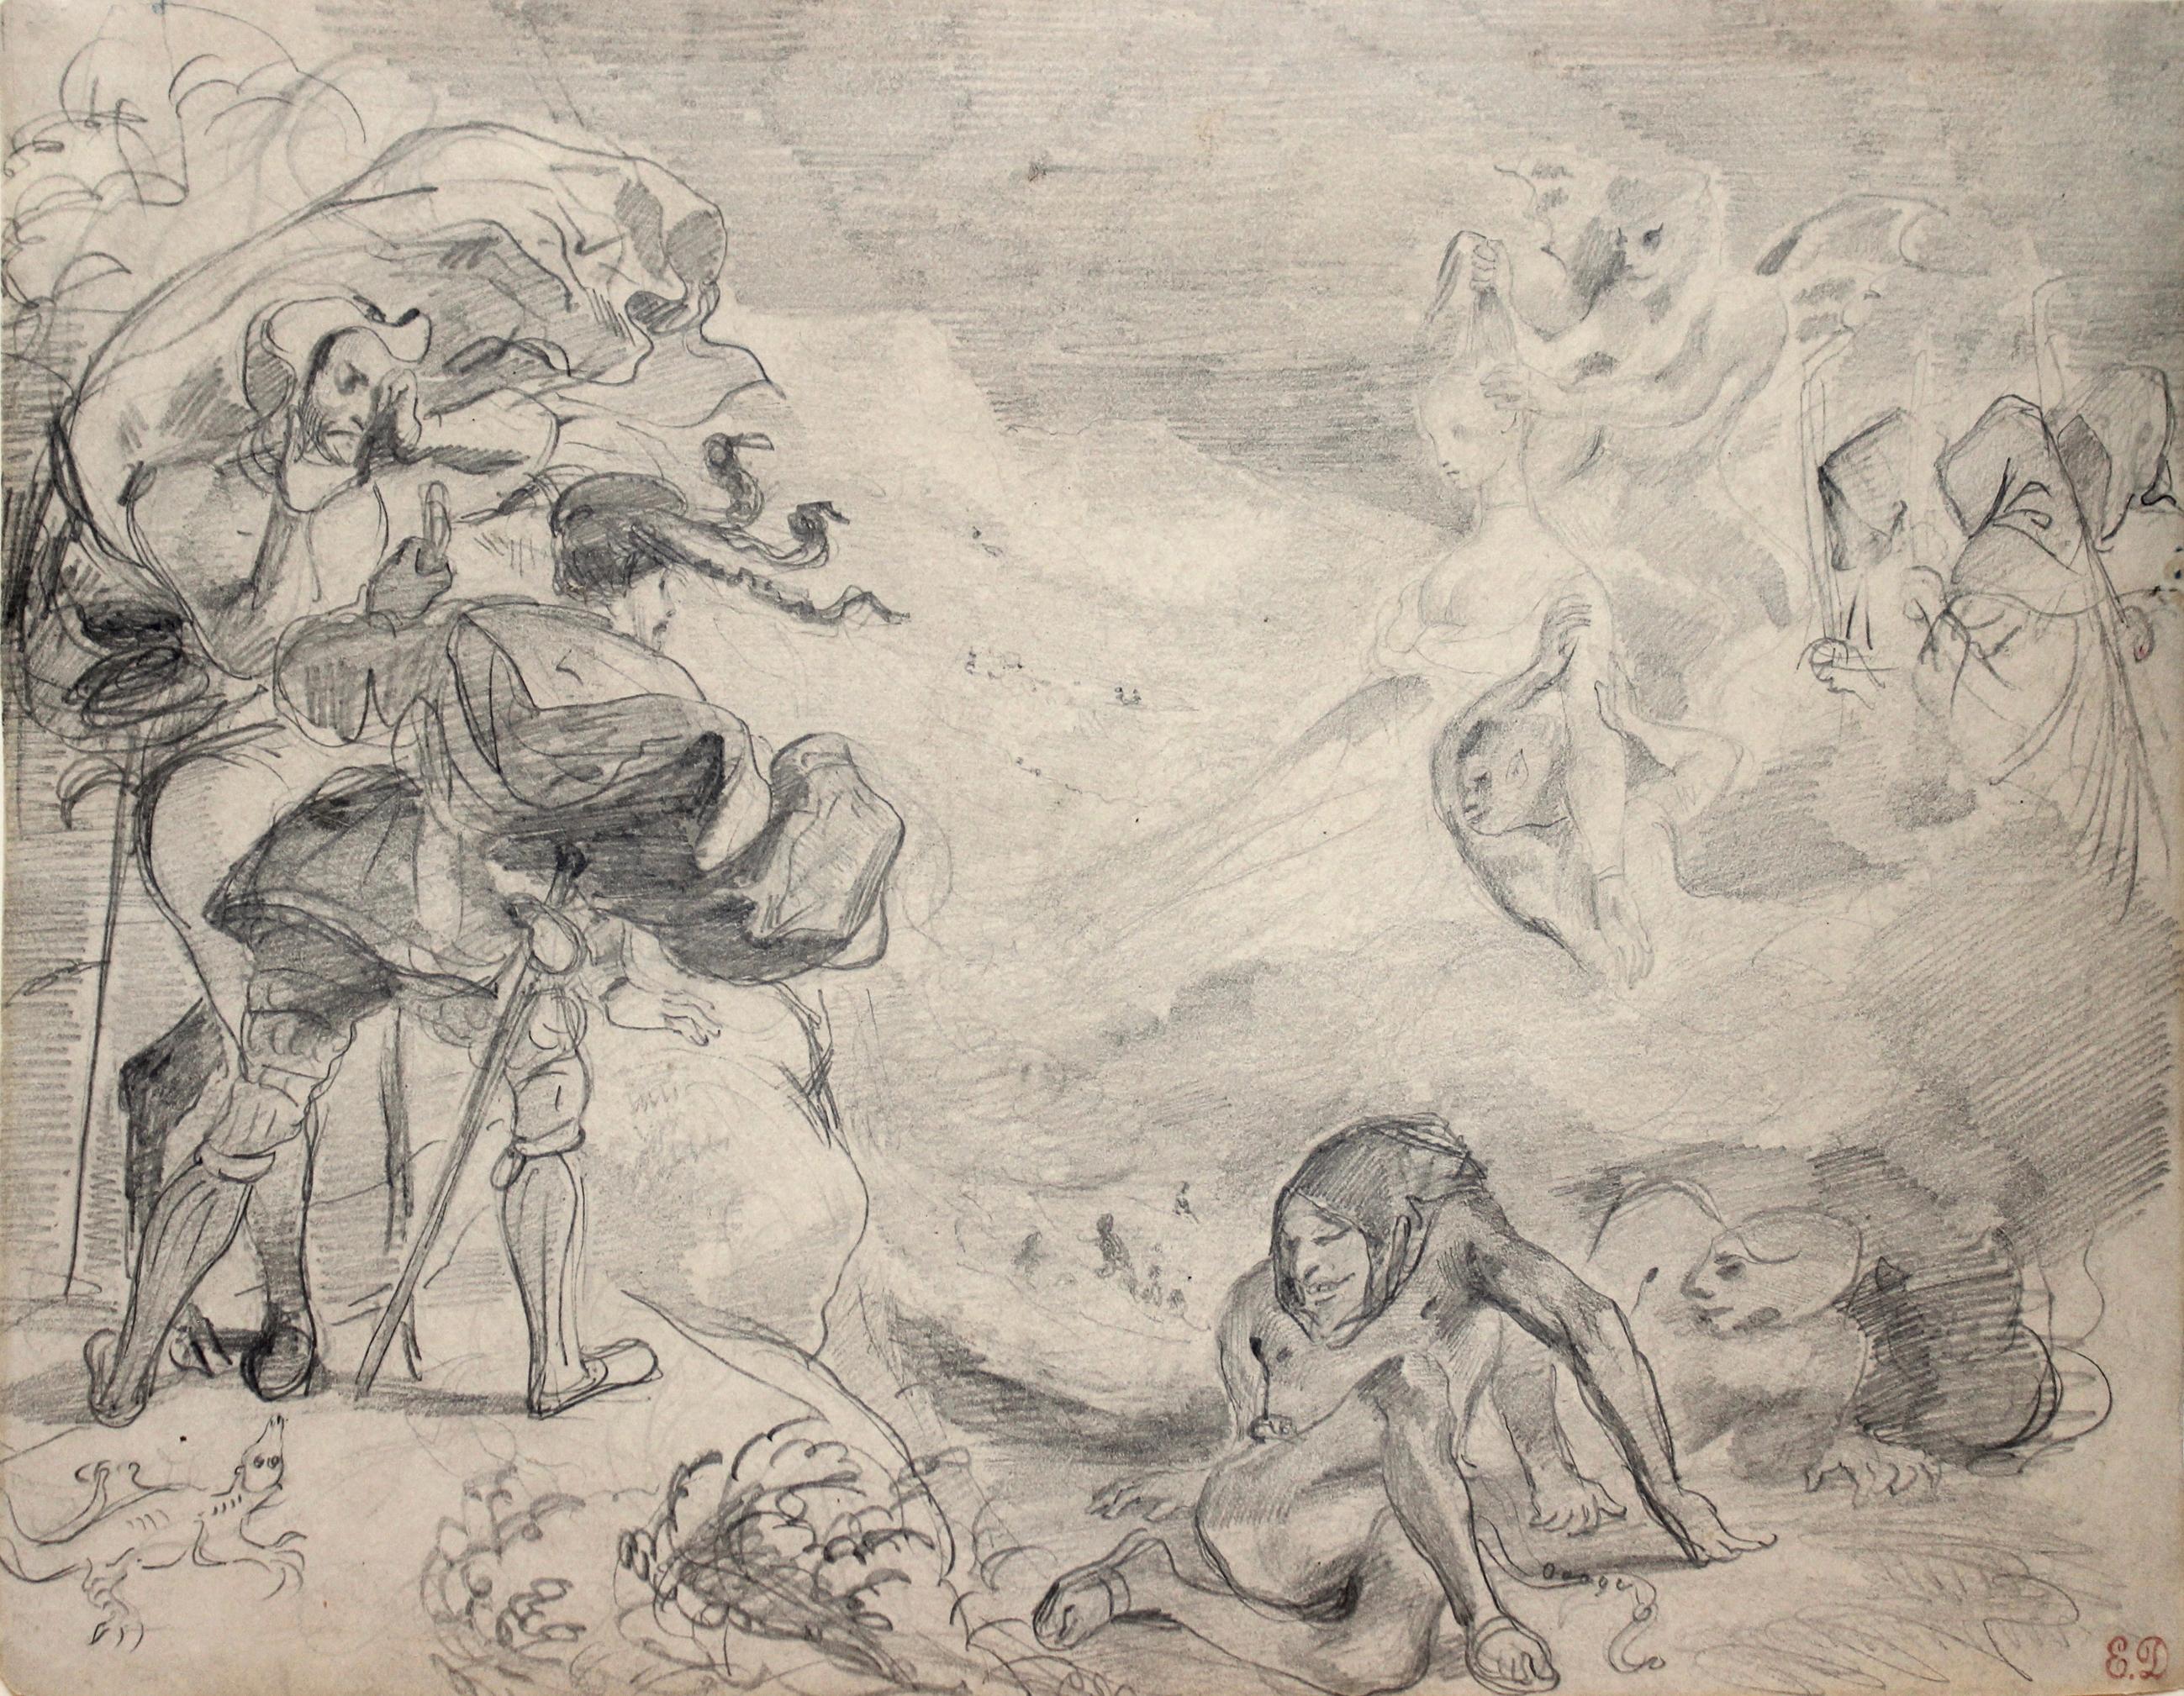 Eugène Delacroix (1798-1863): Gretchens Schatten erscheint Faust, um 1826/27, Bleistift, Schwarze Kreide, 242 x 322 mm, Dauerleihgabe der Stiftung für die Hamburger Kunstsammlungen